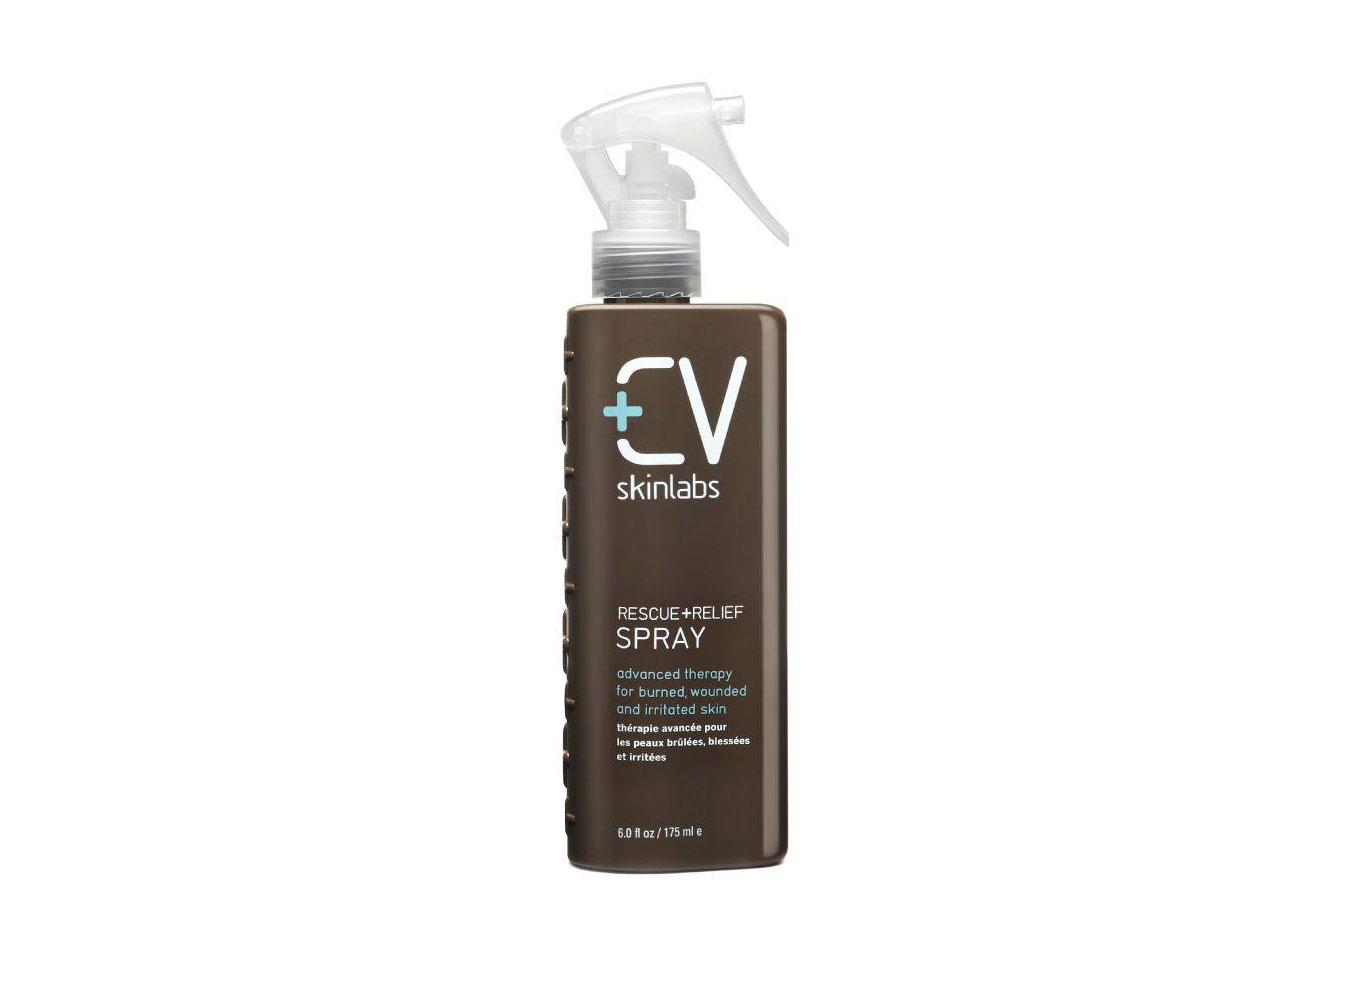 CV Skinlabs Rescue + Relief Spray